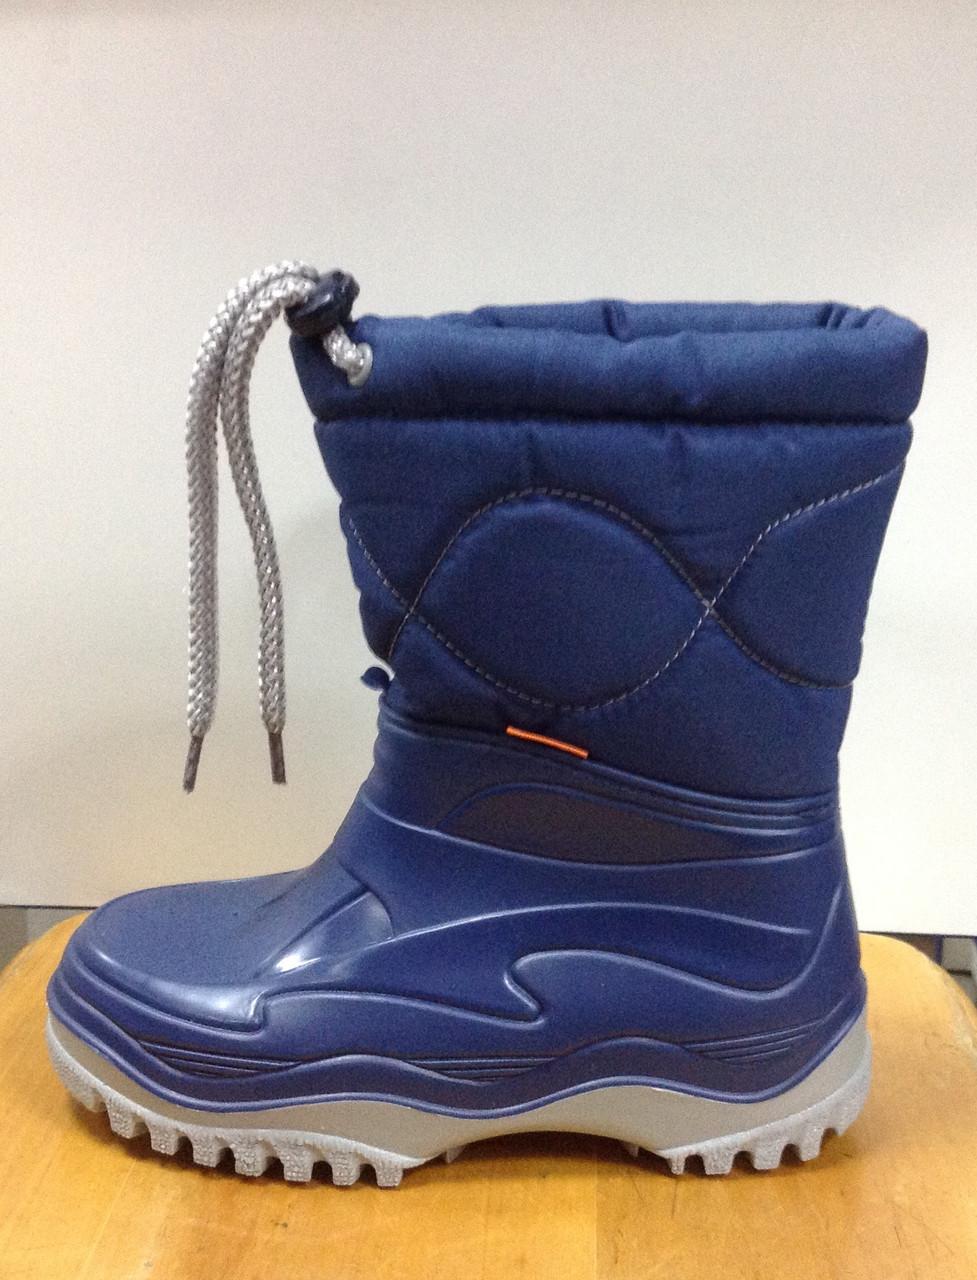 Сапоги зимние для мальчика синие DEMAR   продажа 16d9737c6c4b6